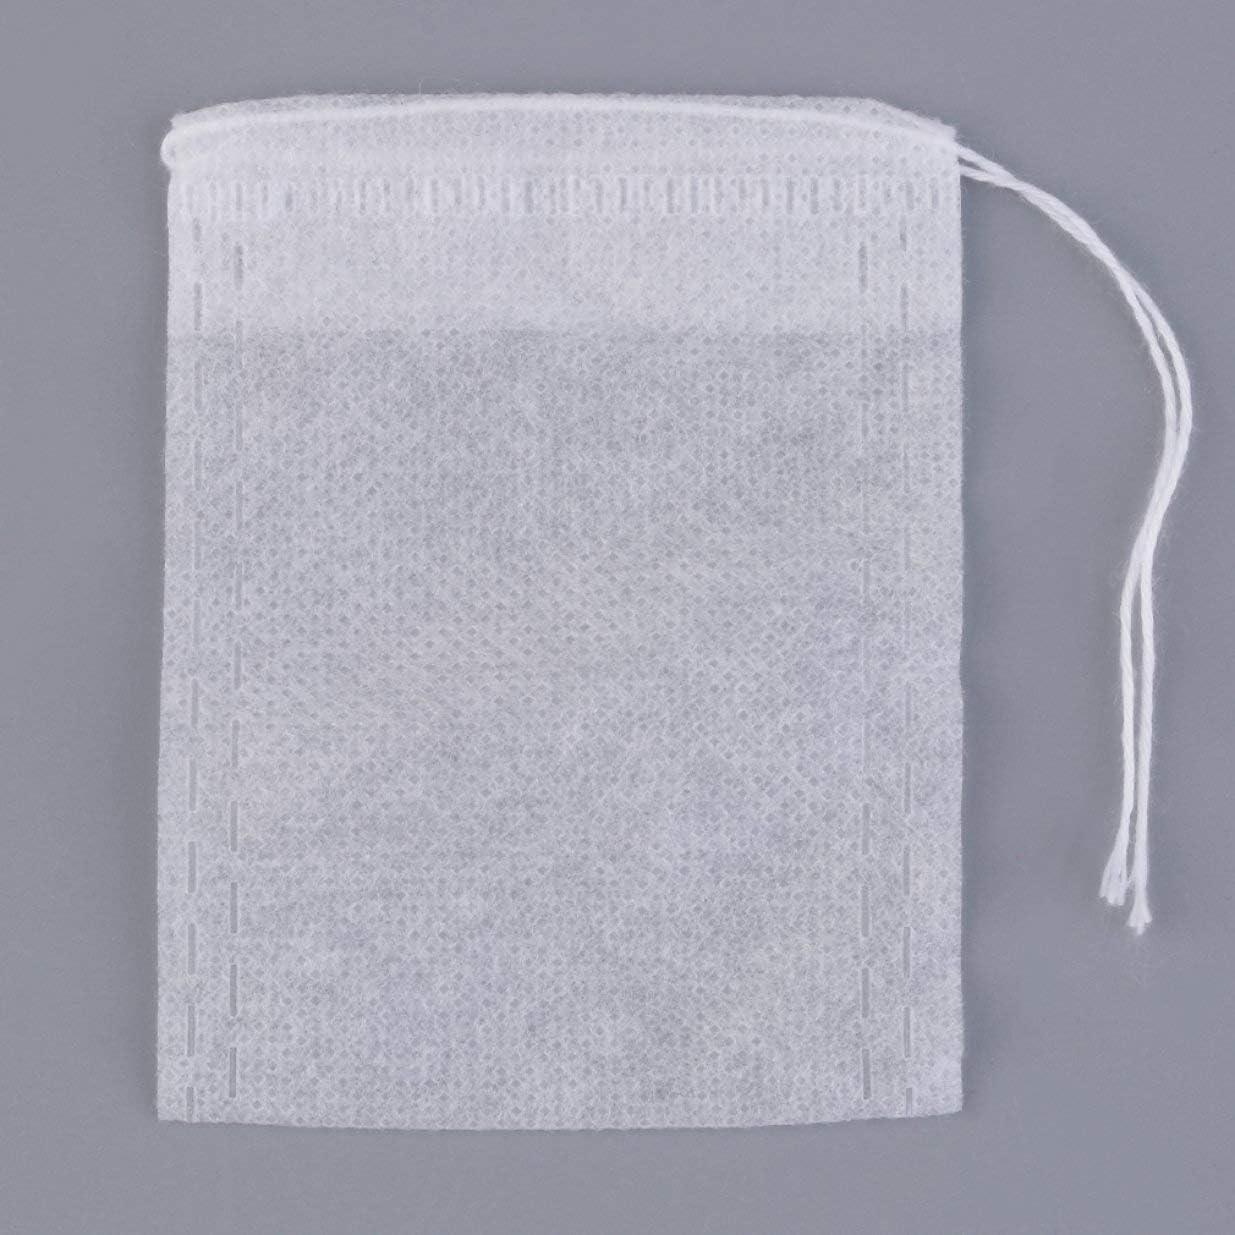 Sairis 100 pcs//lot Vide Sachets De Th/é Cha/îne Thermoscellage Filtre Papier Herbe L/âche Sachets De Th/é Sachet De Th/é Pour La Maison et Voyage N/écessit/és